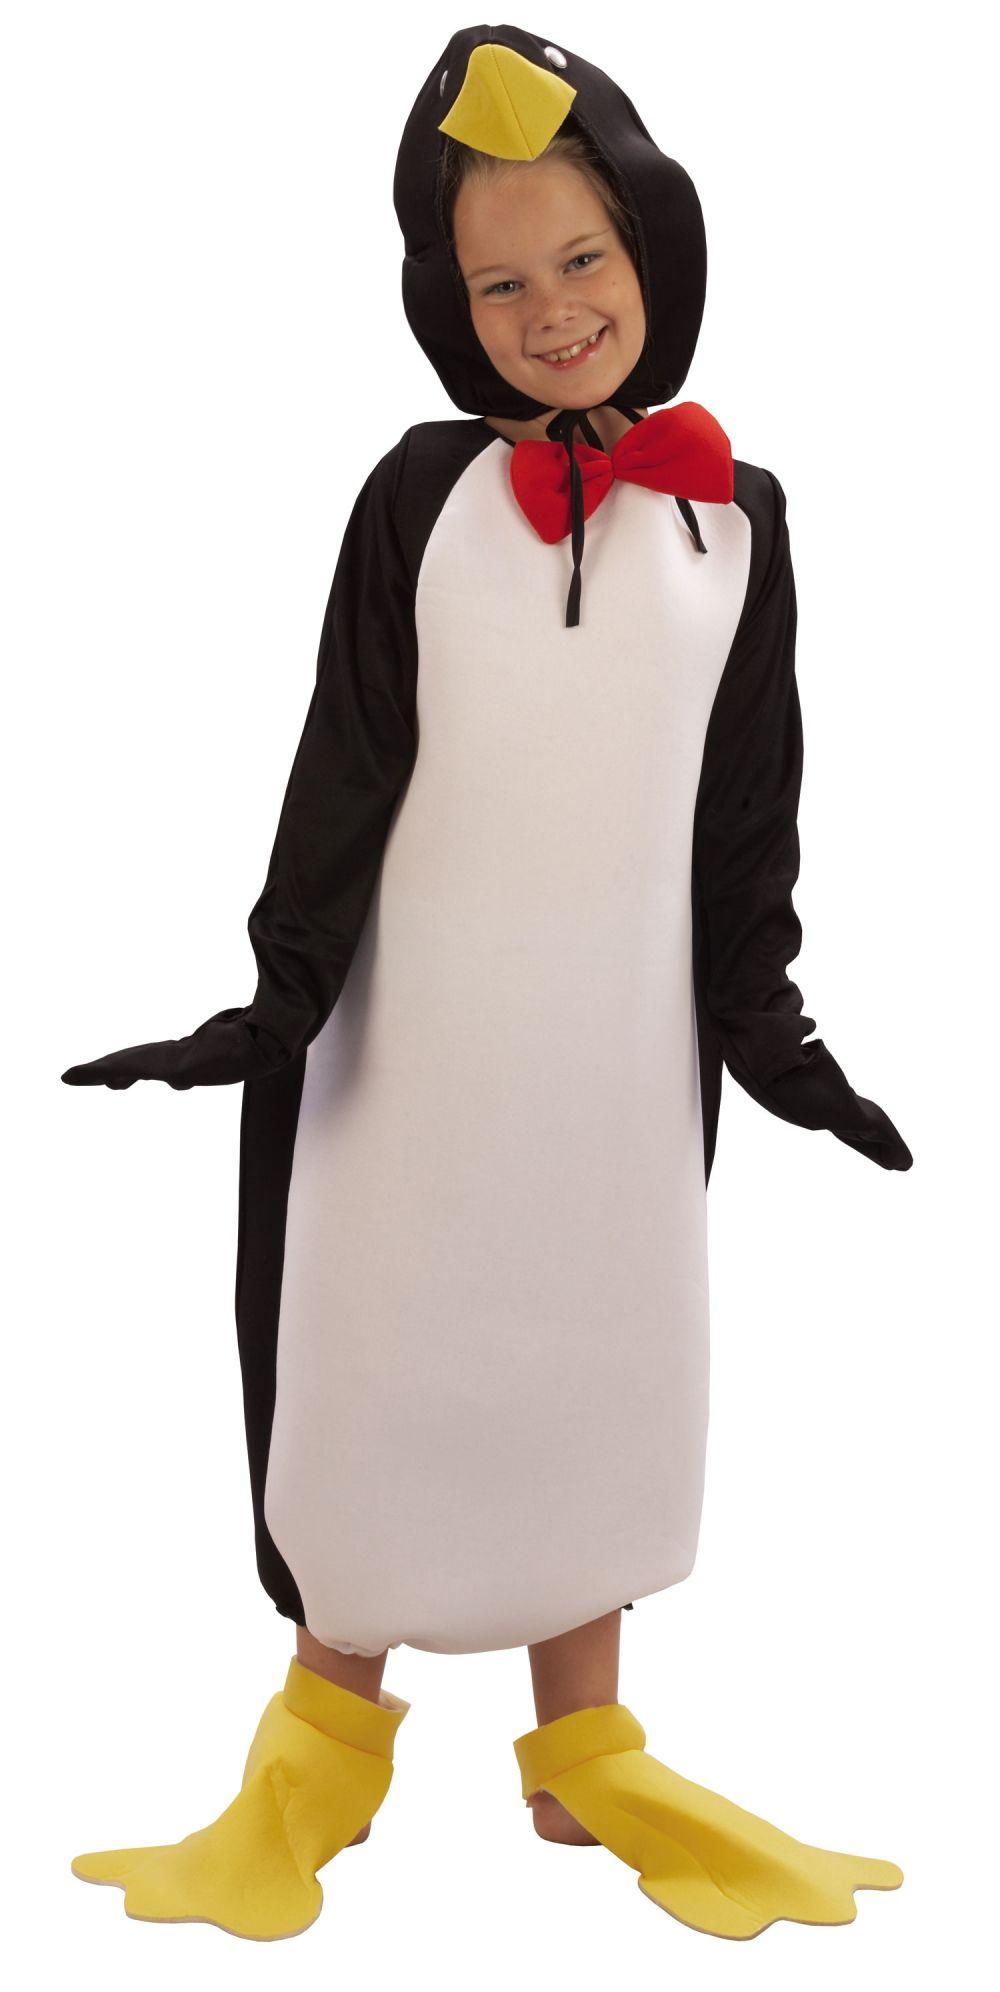 Bambini bambini ragazzi ragazze penguin costume di natale - Costume da bagno traduzione ...